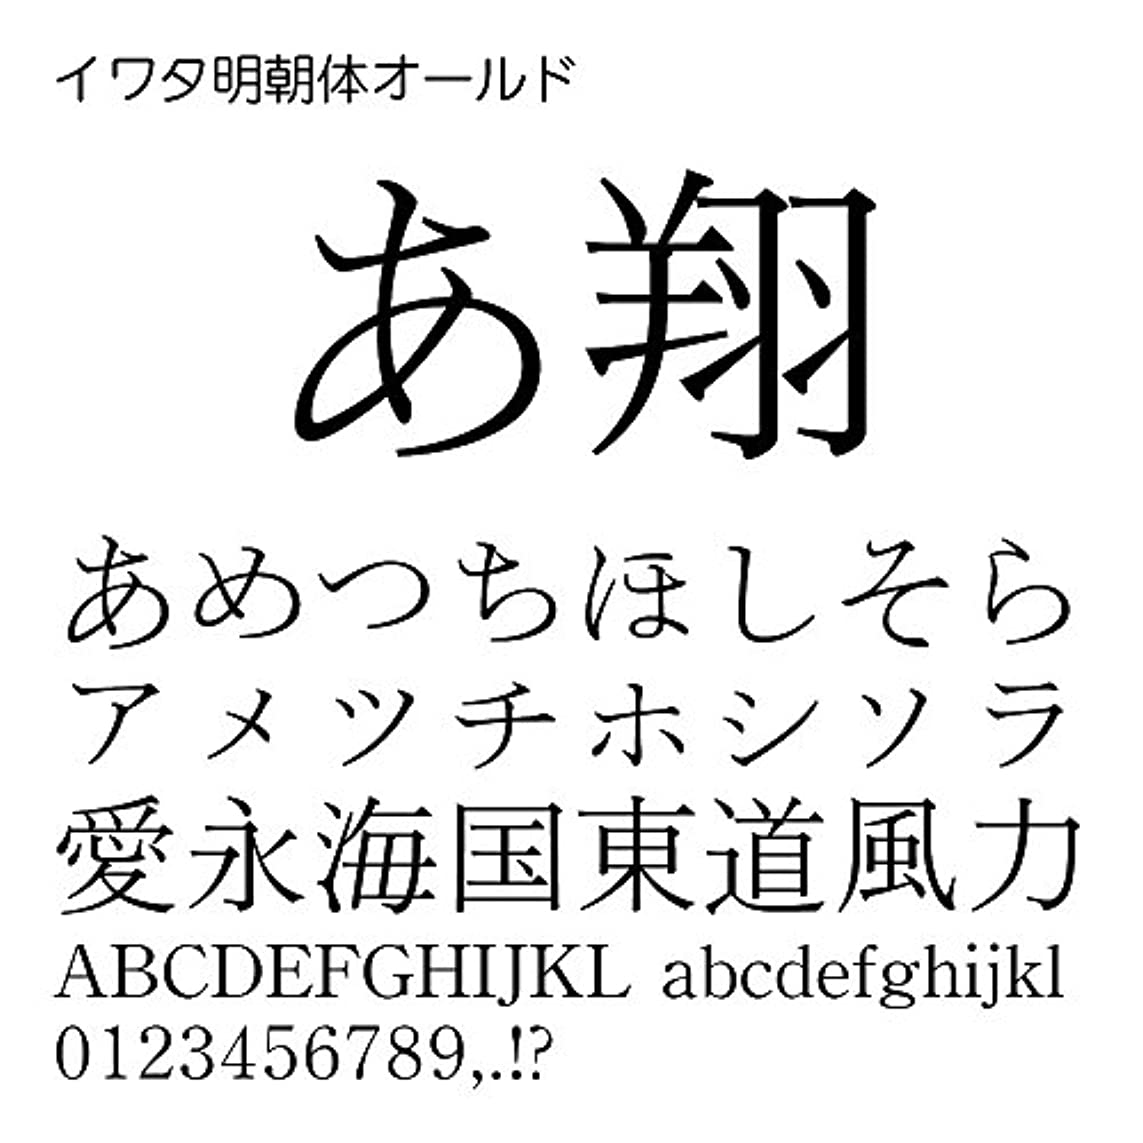 遵守するカレッジ甘美なイワタ明朝体オールド TrueType Font for Windows [ダウンロード]